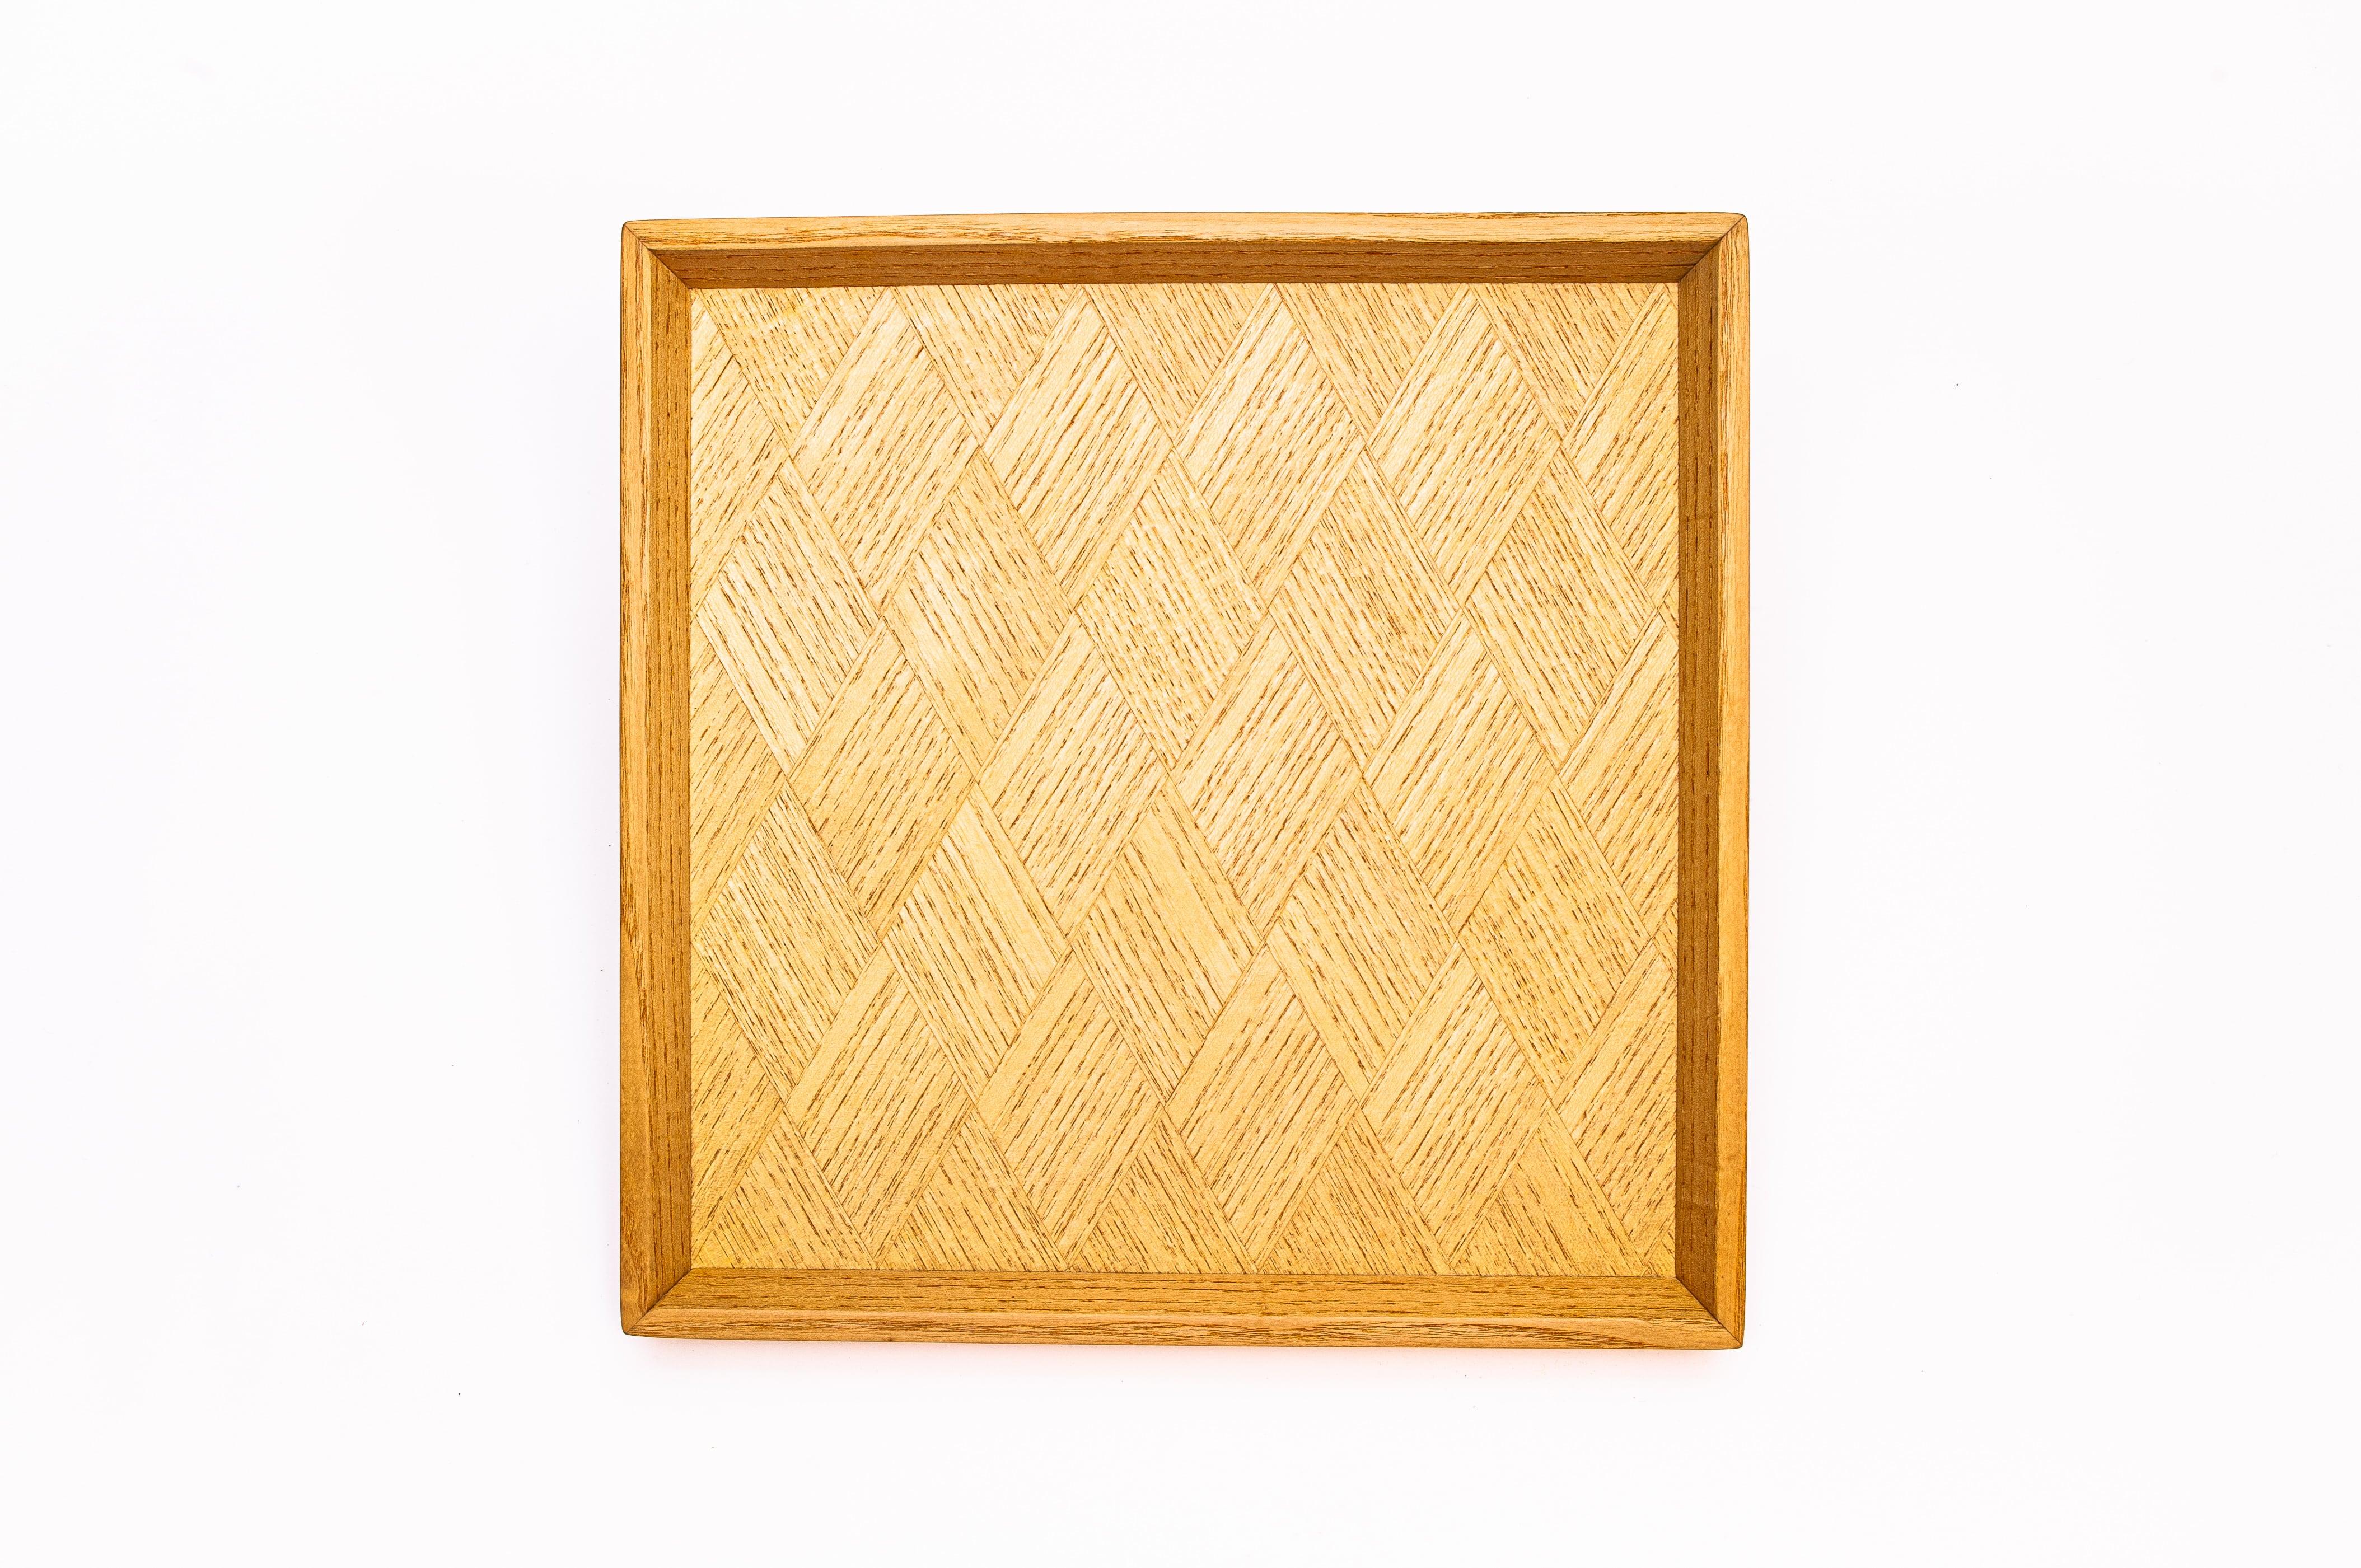 ホワイトアッシュ菱形模様 正方形のトレー 0323